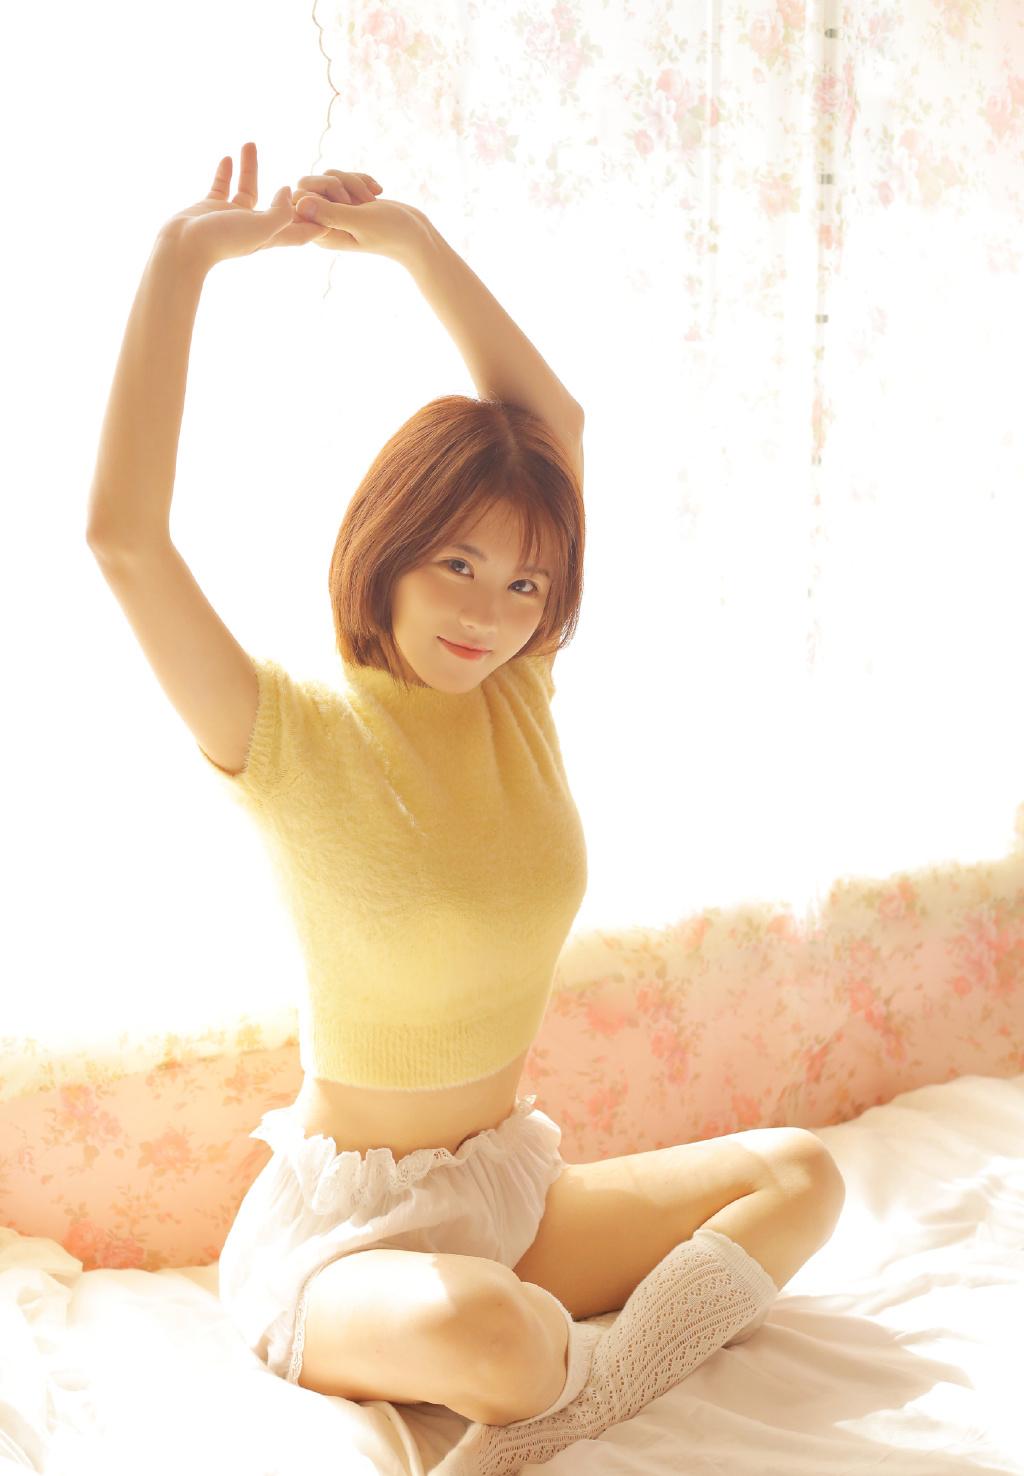 黄色格子裙清纯美女吊带性感私房写真